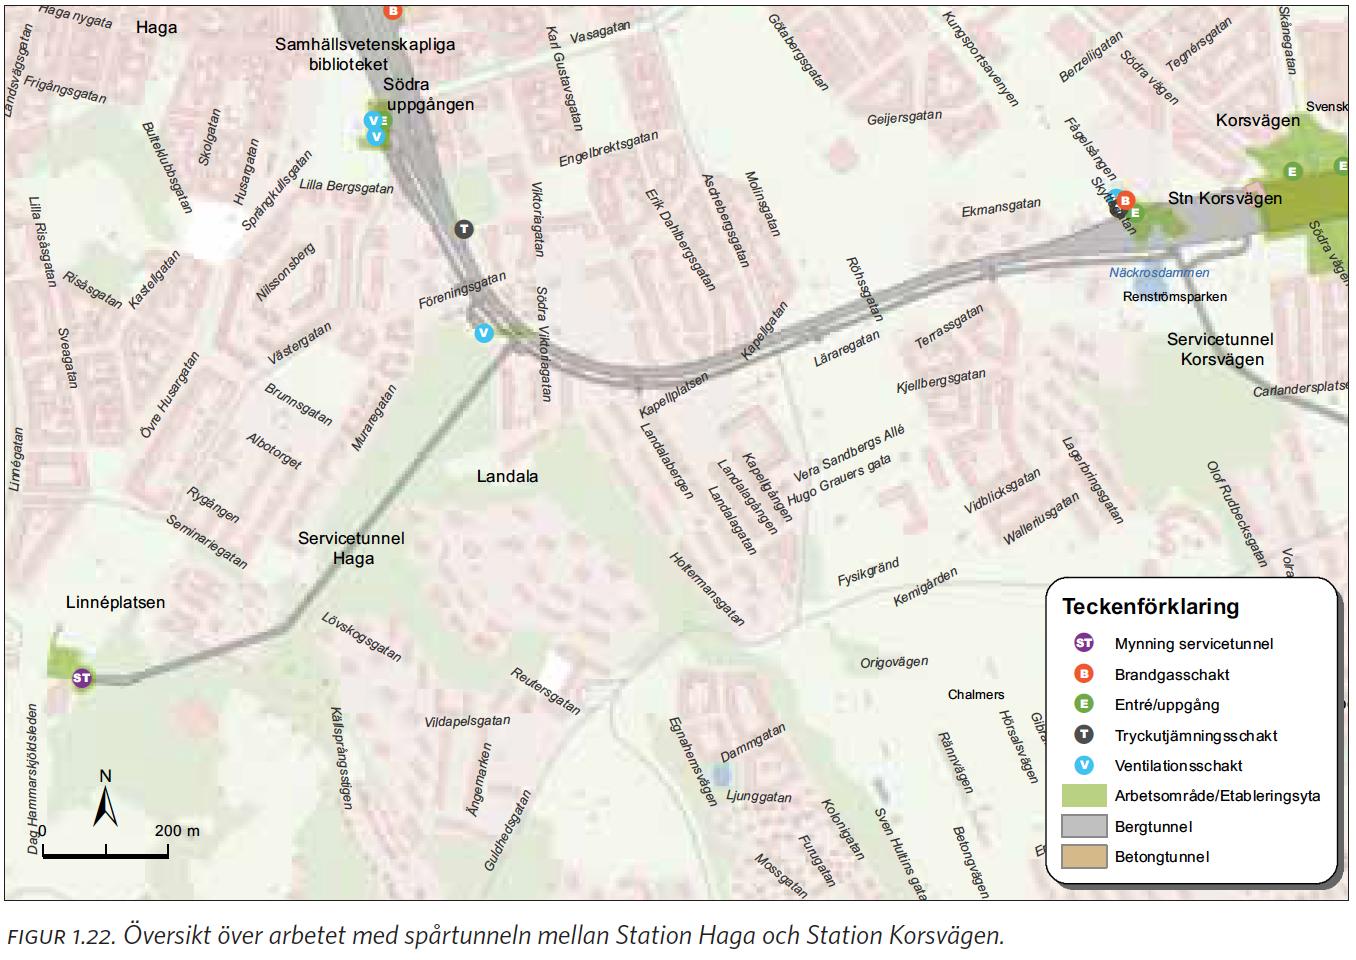 korsvägen göteborg karta Station Haga – Landala – Johanneberg – Station Korsvägen korsvägen göteborg karta